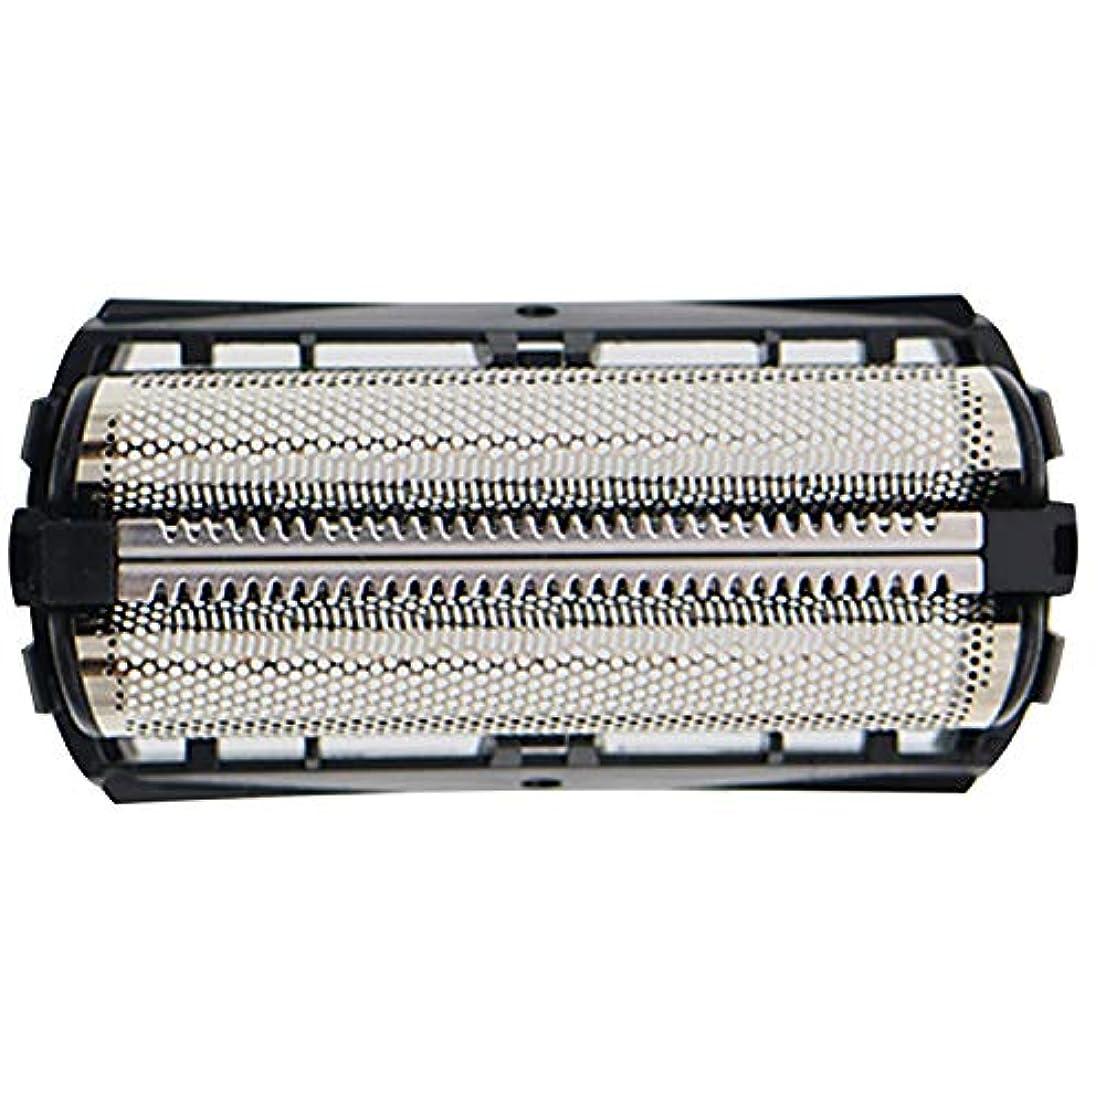 カップ代表するマナーWyFun シェーバー替刃 適用 フィリップスQC5550用交換シェーバーフォイル/カッターユニットシェーバーヘッドQC5580メンズトリマー用回転ブレード